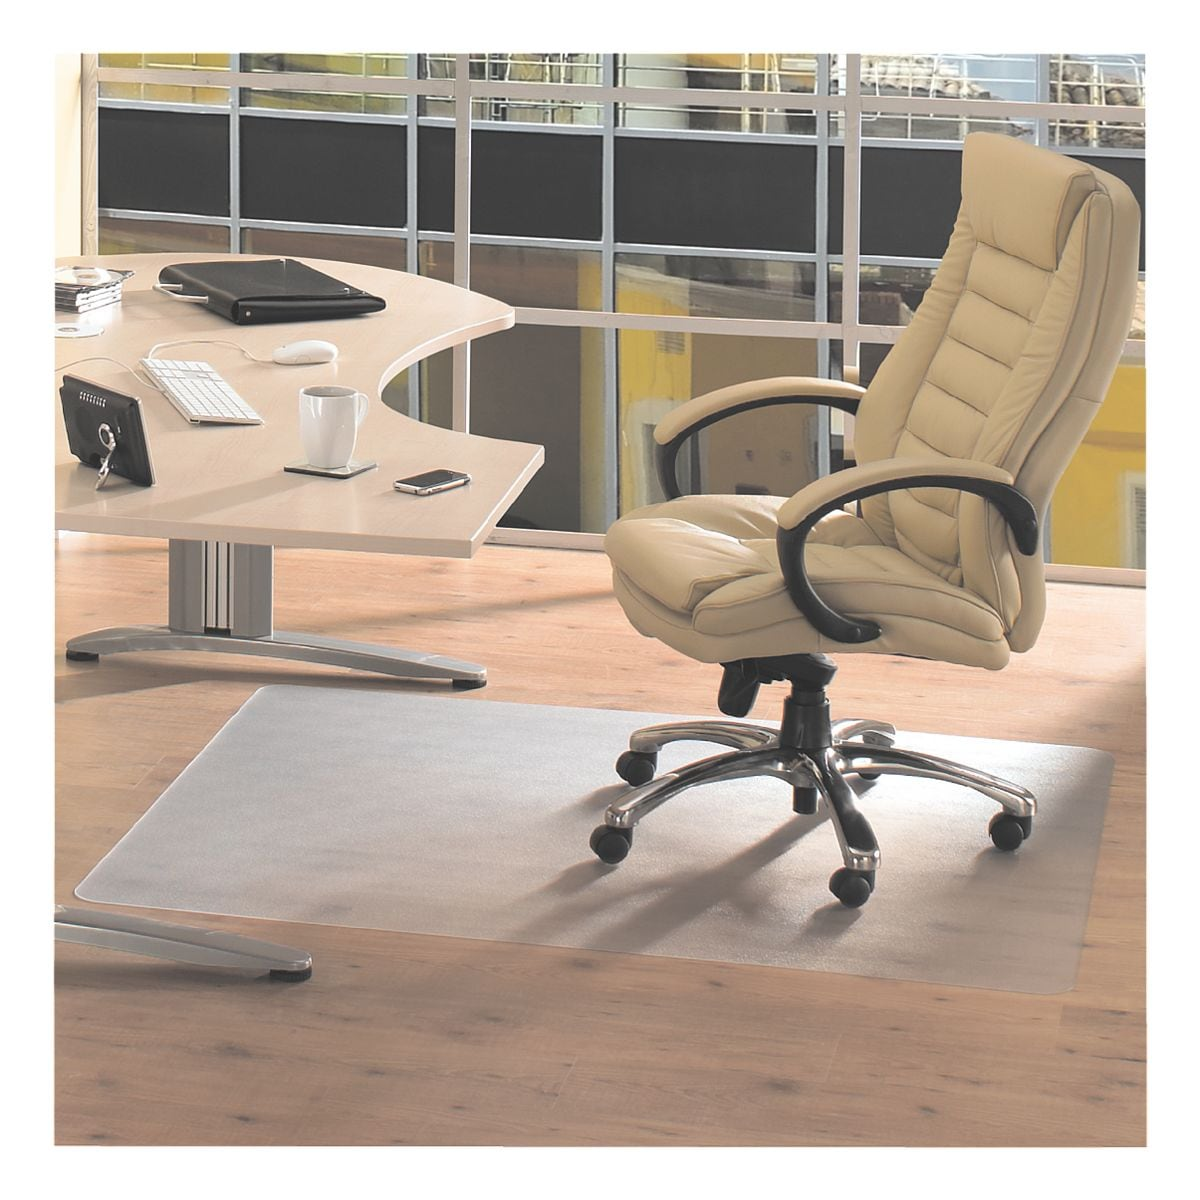 plaque protège-sol pour sols durs, vinyle, rectangulaire 120 x 150 cm, Floortex Plaque protège-sol vinyl